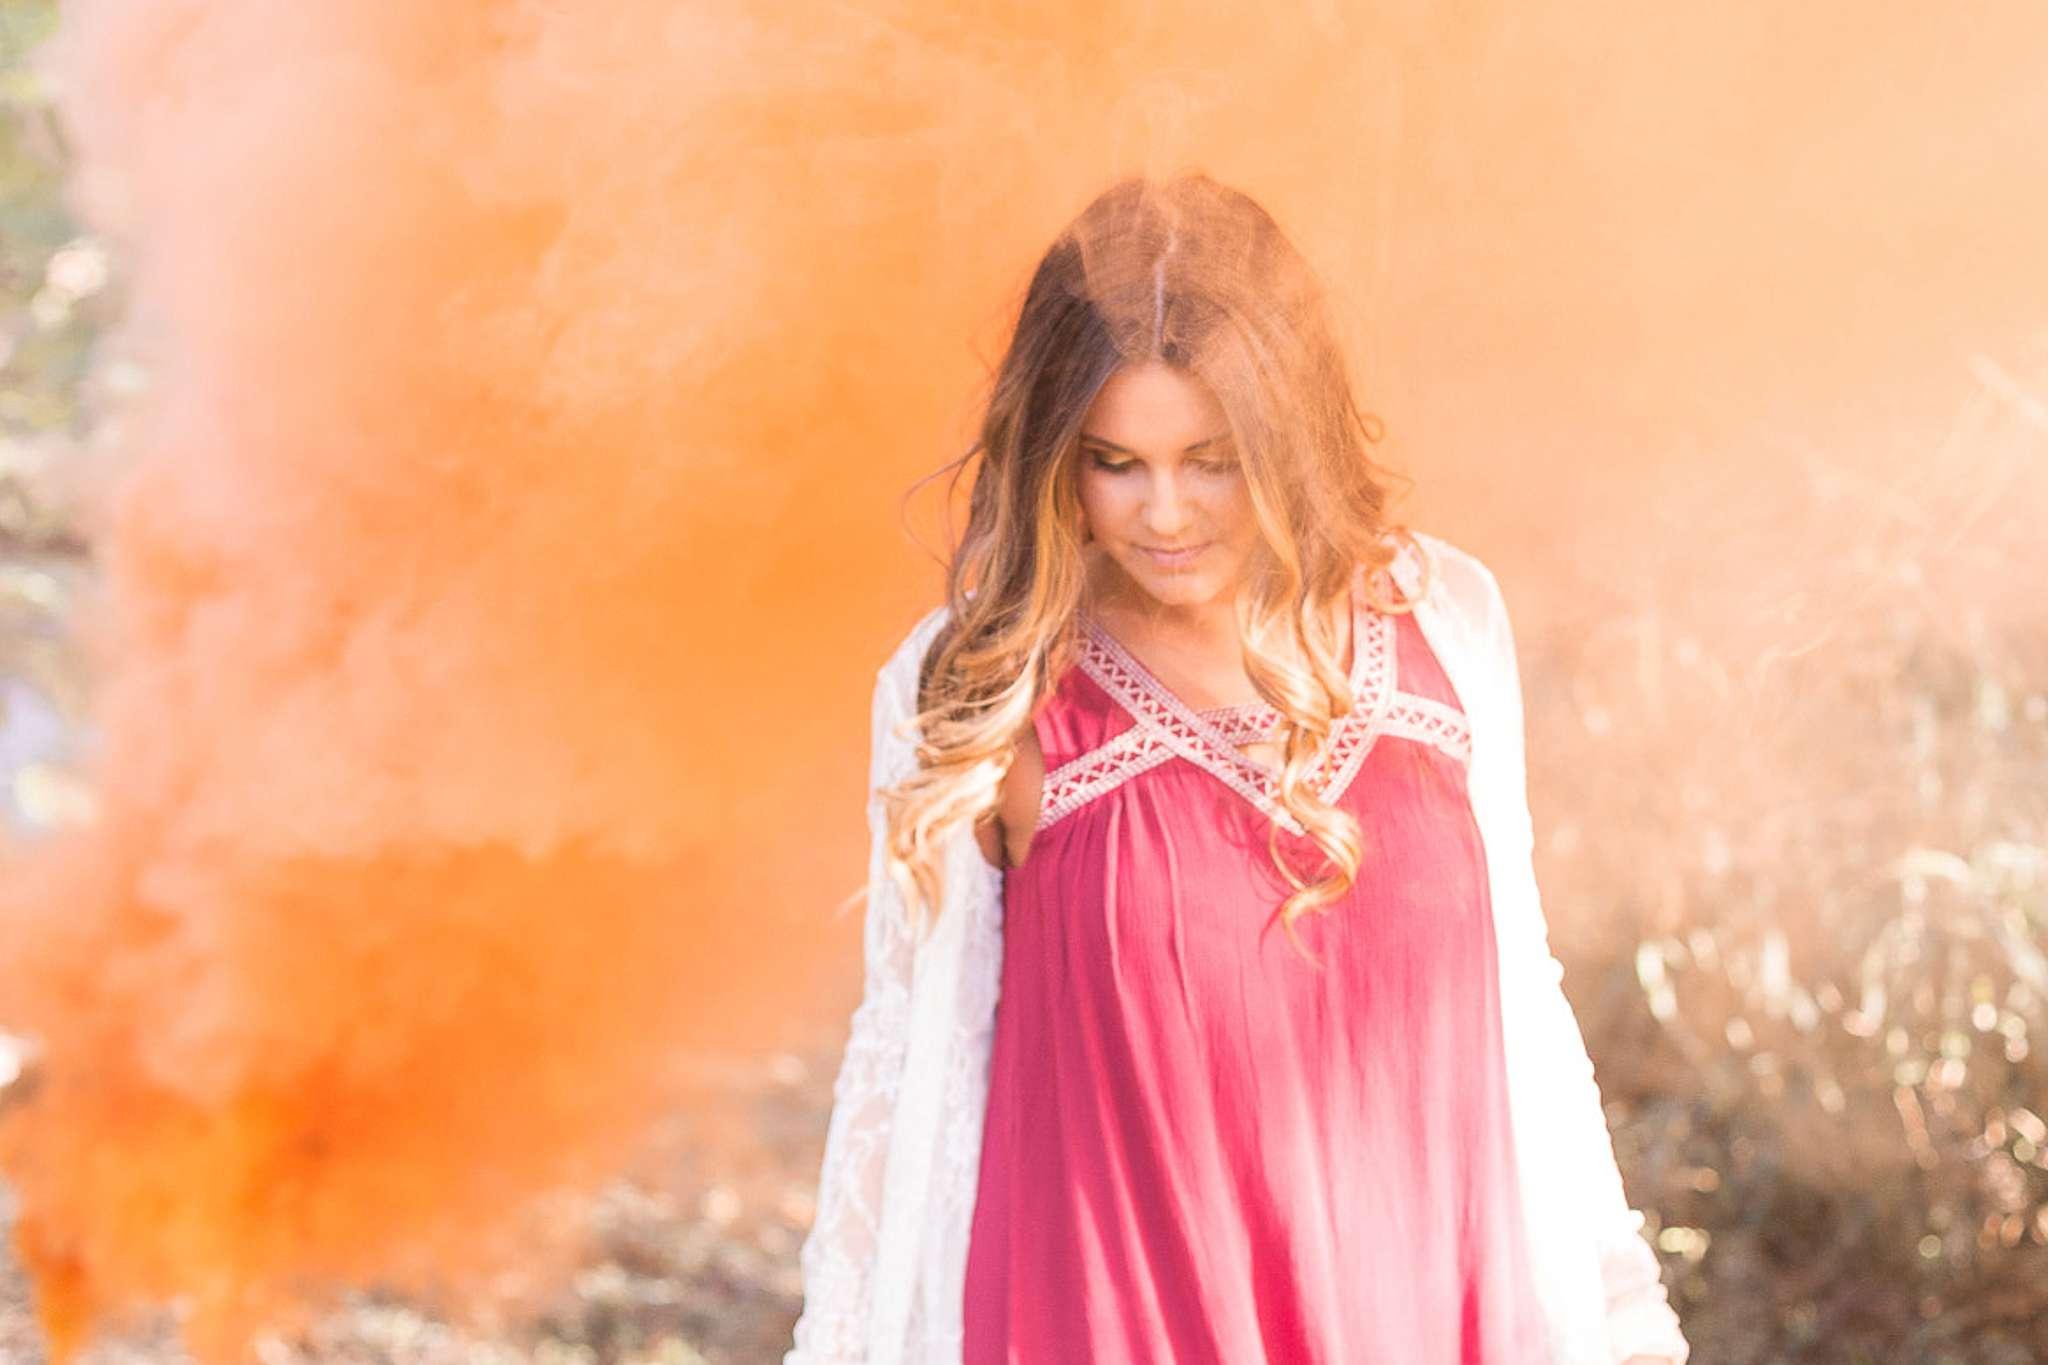 Amber-Nicole-Portrait-Jacksonville-Florida_0200.jpg